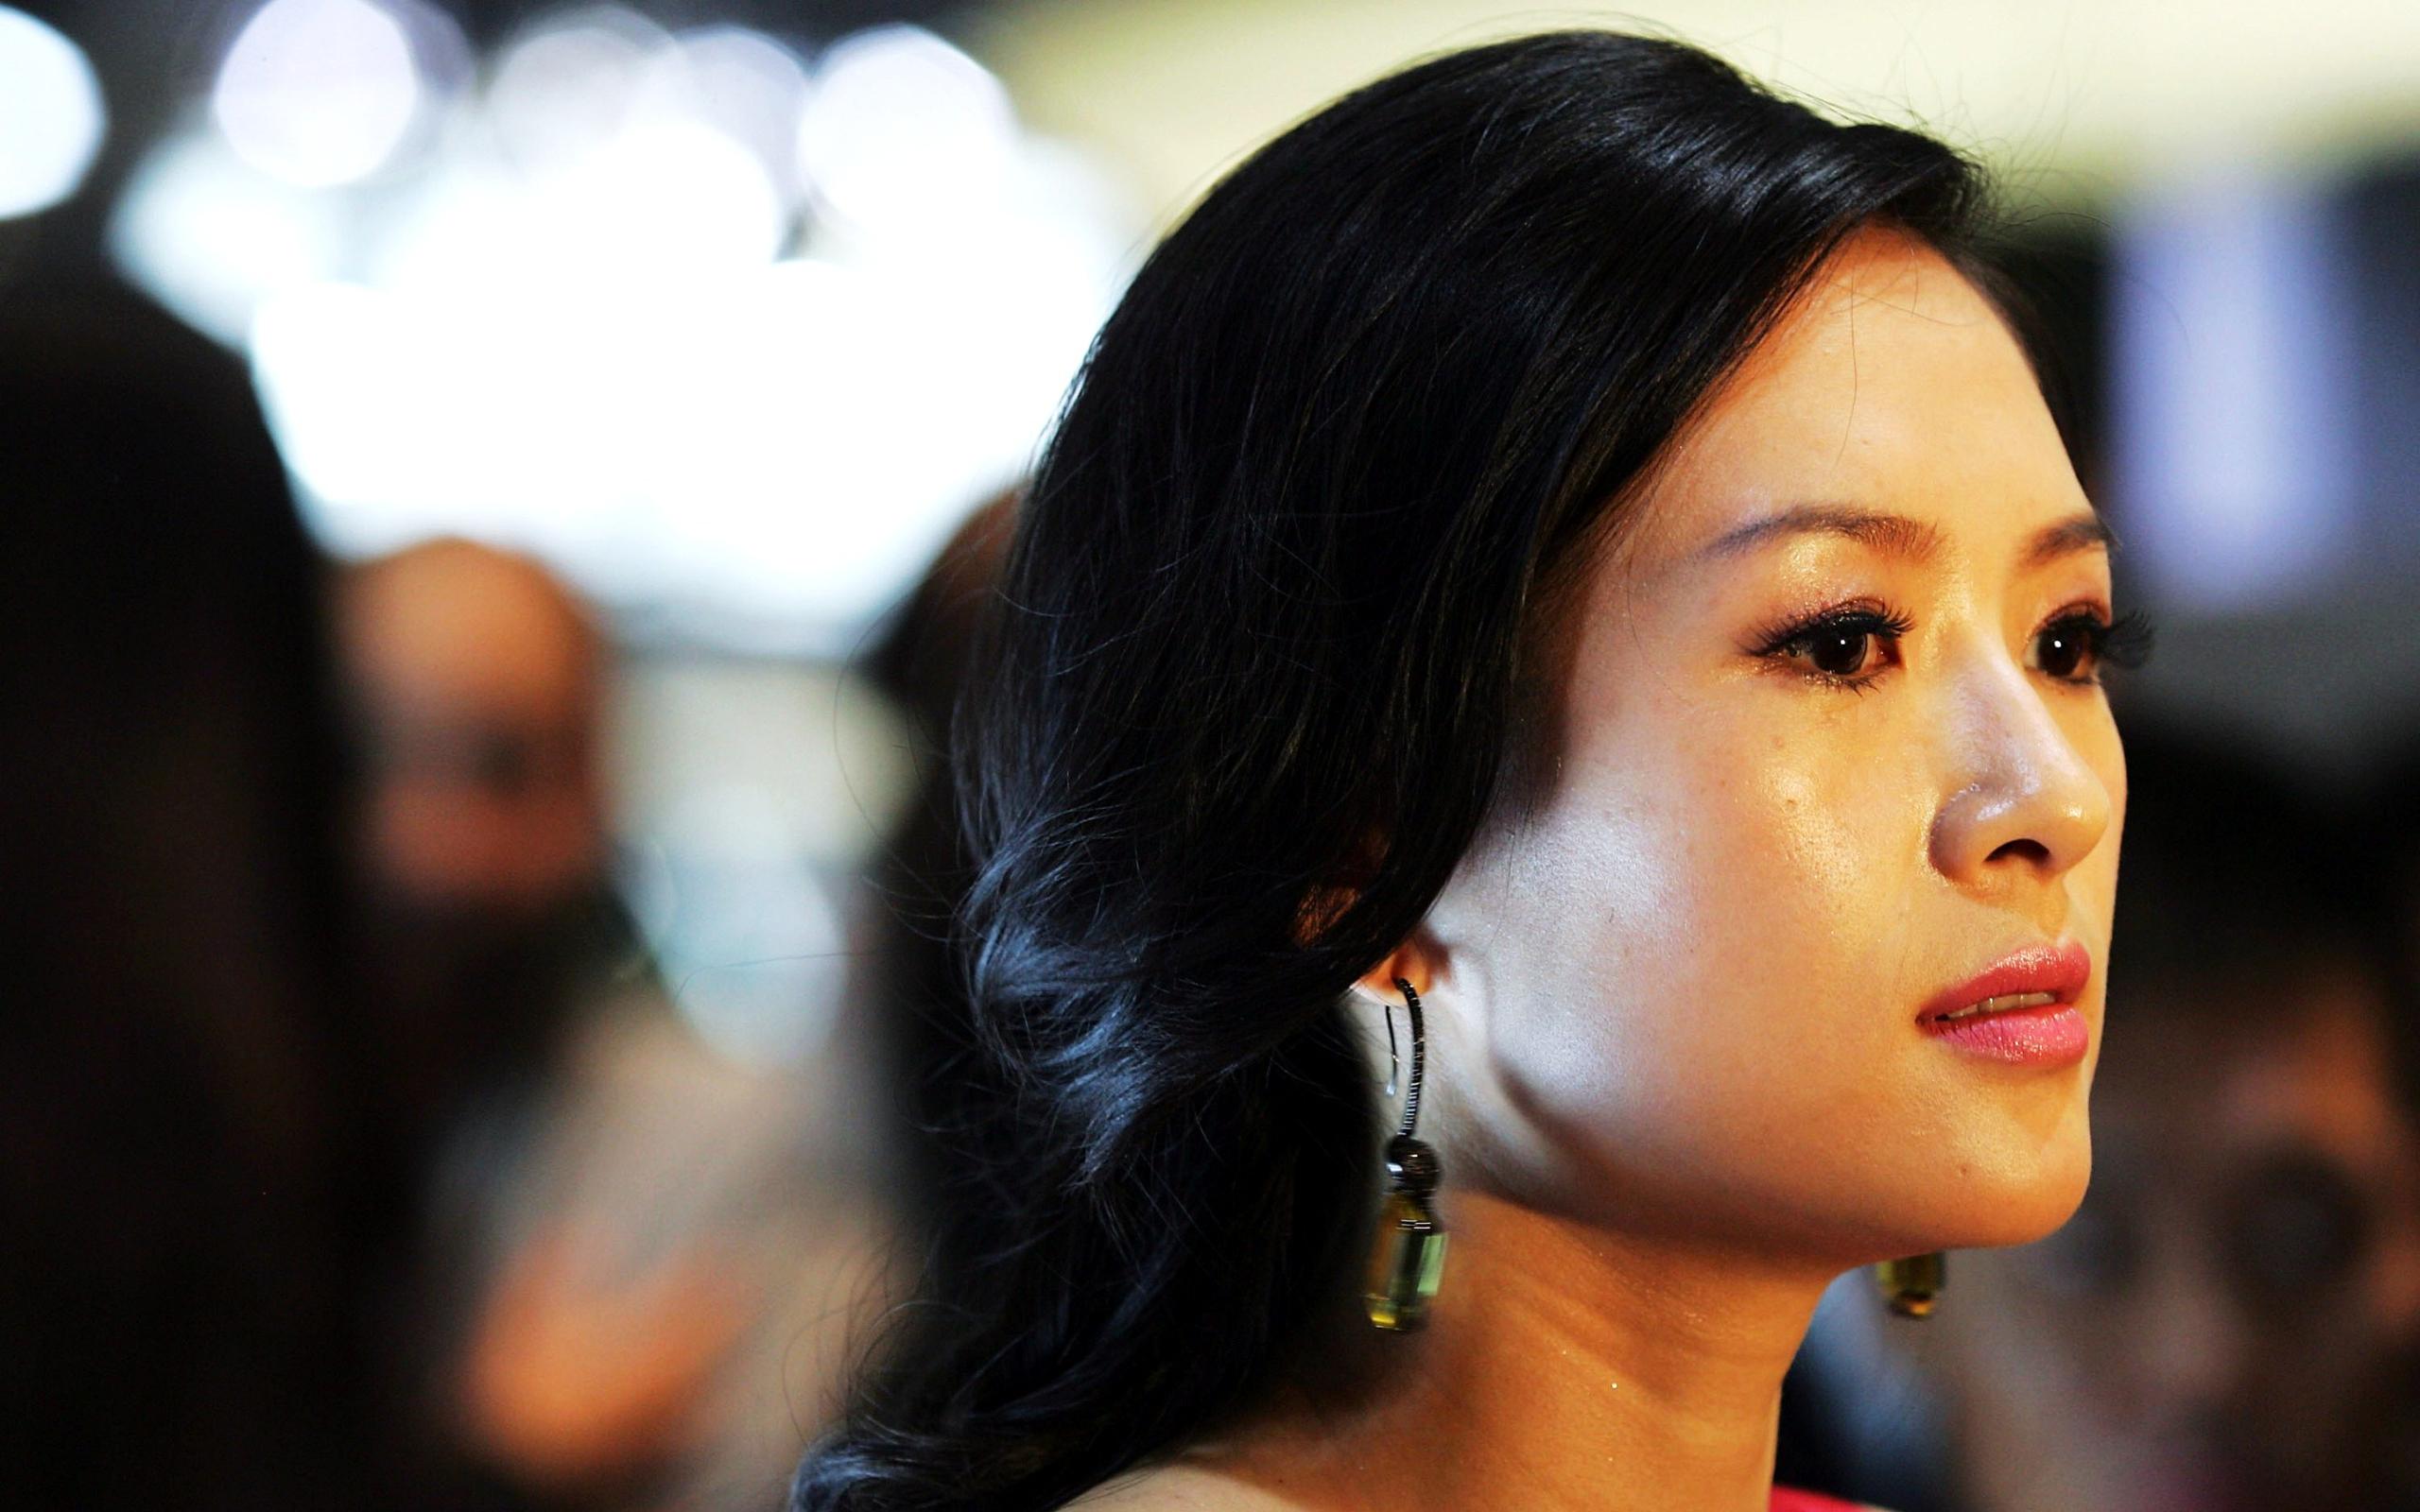 HD LIVE 3D WALLPAPER: Xu Jinglei is a Chinese Actress